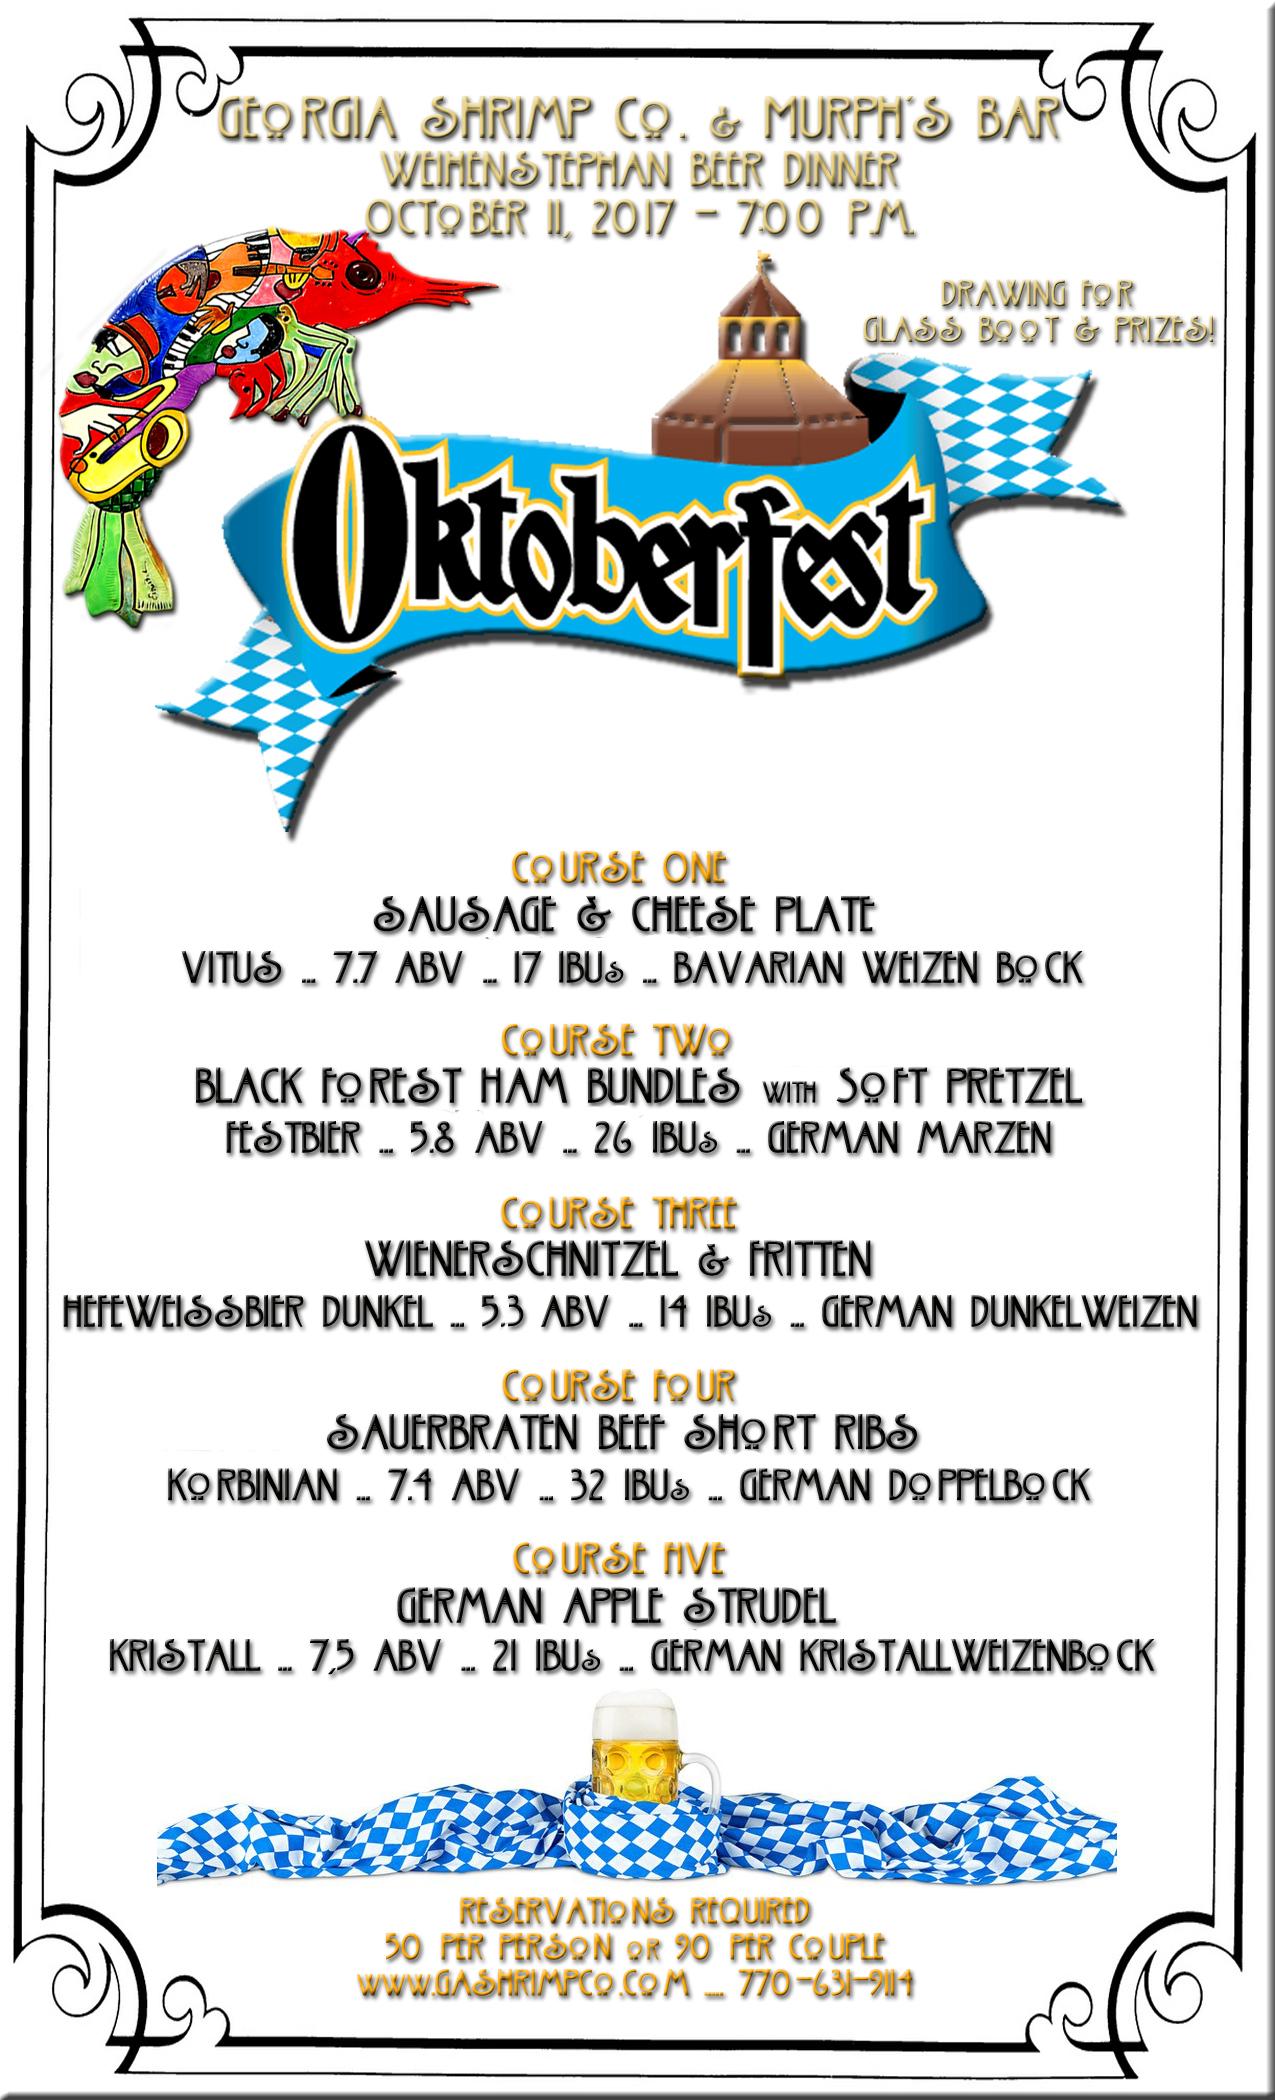 Weihenstephan Poster Final  Oct2017.jpg